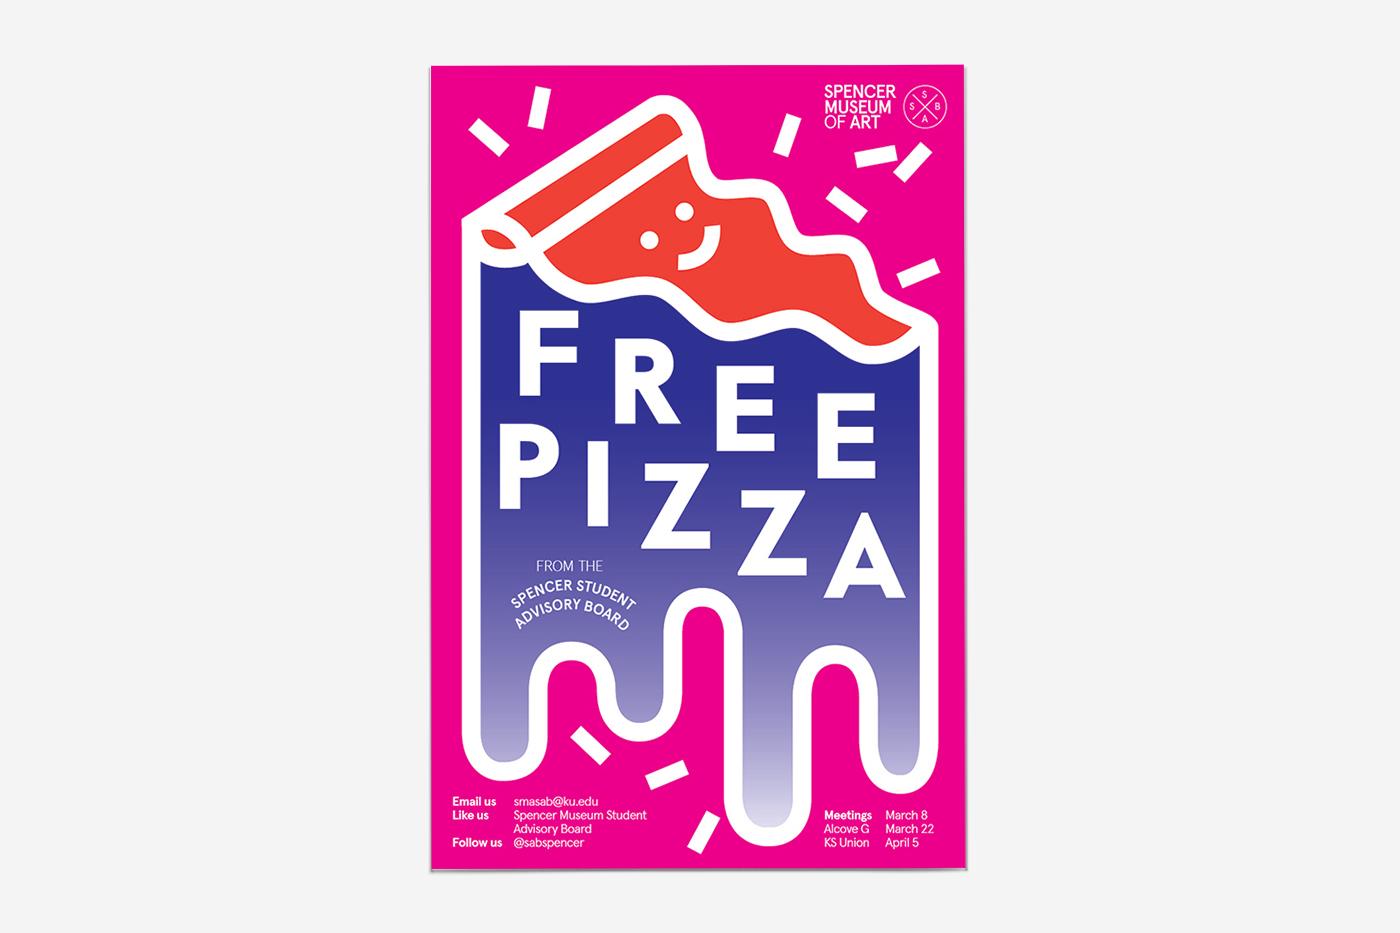 FreePizza_ClaireZimmerman